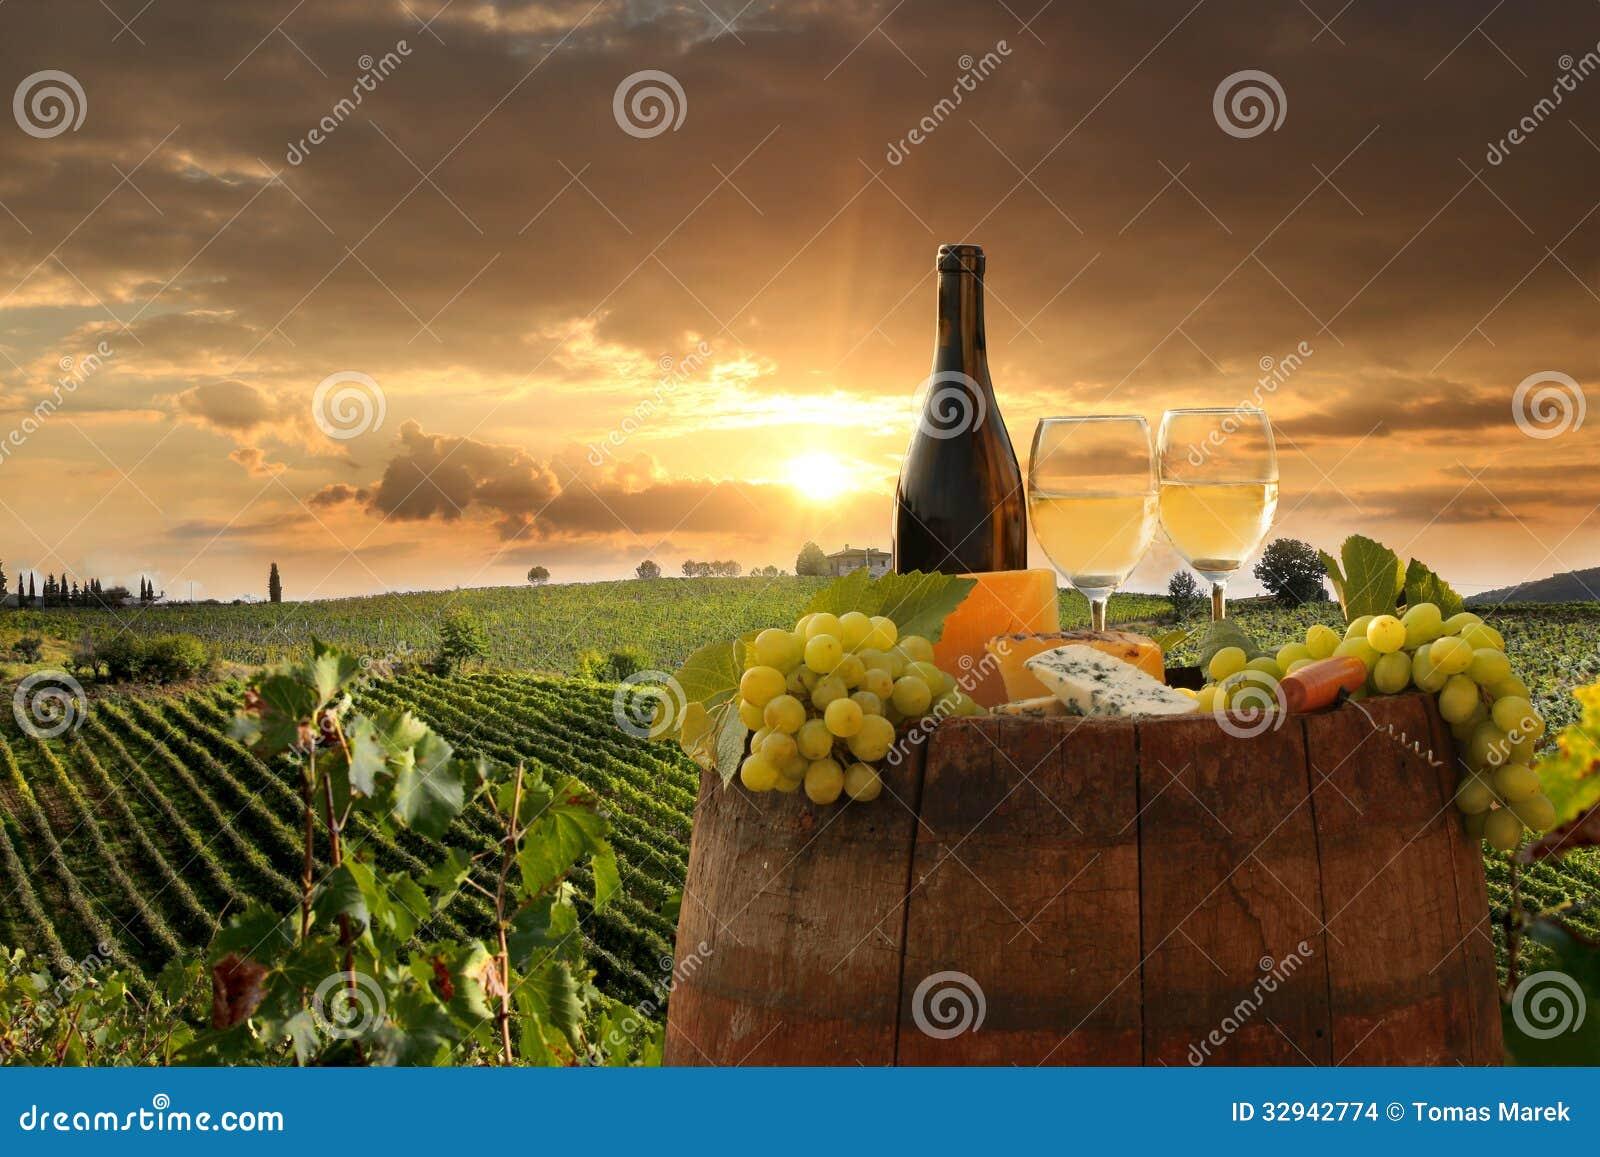 Купить виноградник в тоскане вакансии дубай